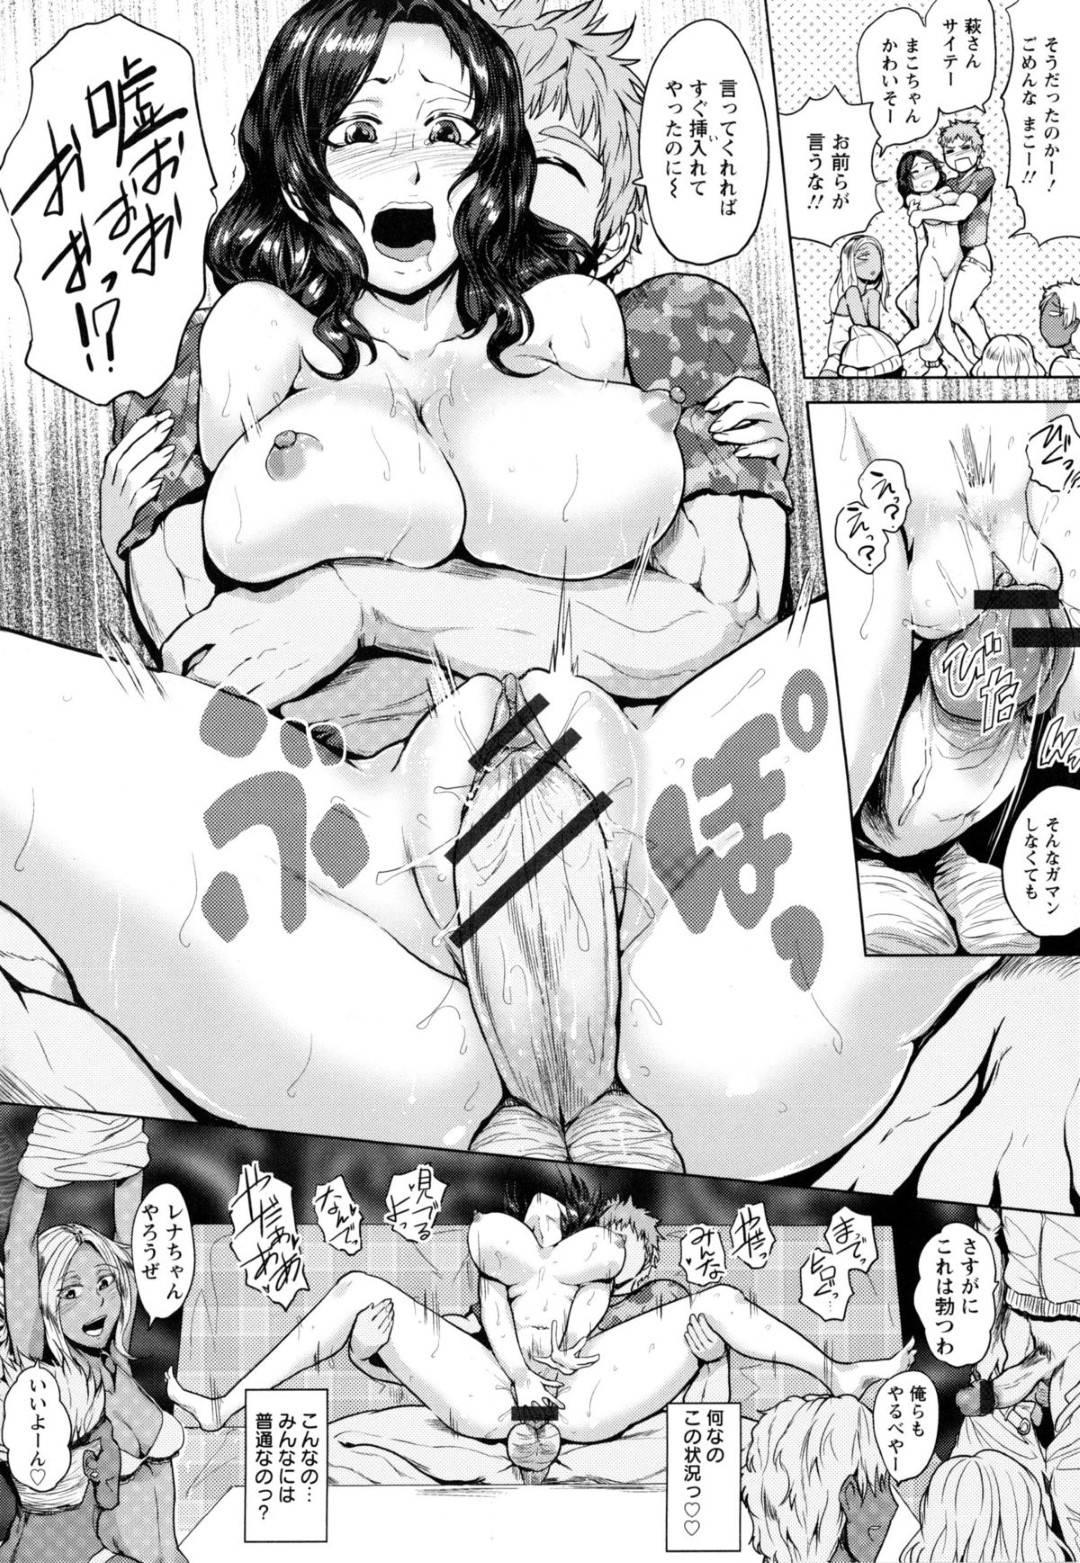 【エロ同人誌】大学ではお嬢様で処女だと思われている巨乳JD…本当の姿は転がり込んできた彼氏と半同棲状態で彼の友達が毎日遊びに来る始末で中出しセックスをヤりまくっていた!【オリジナル】